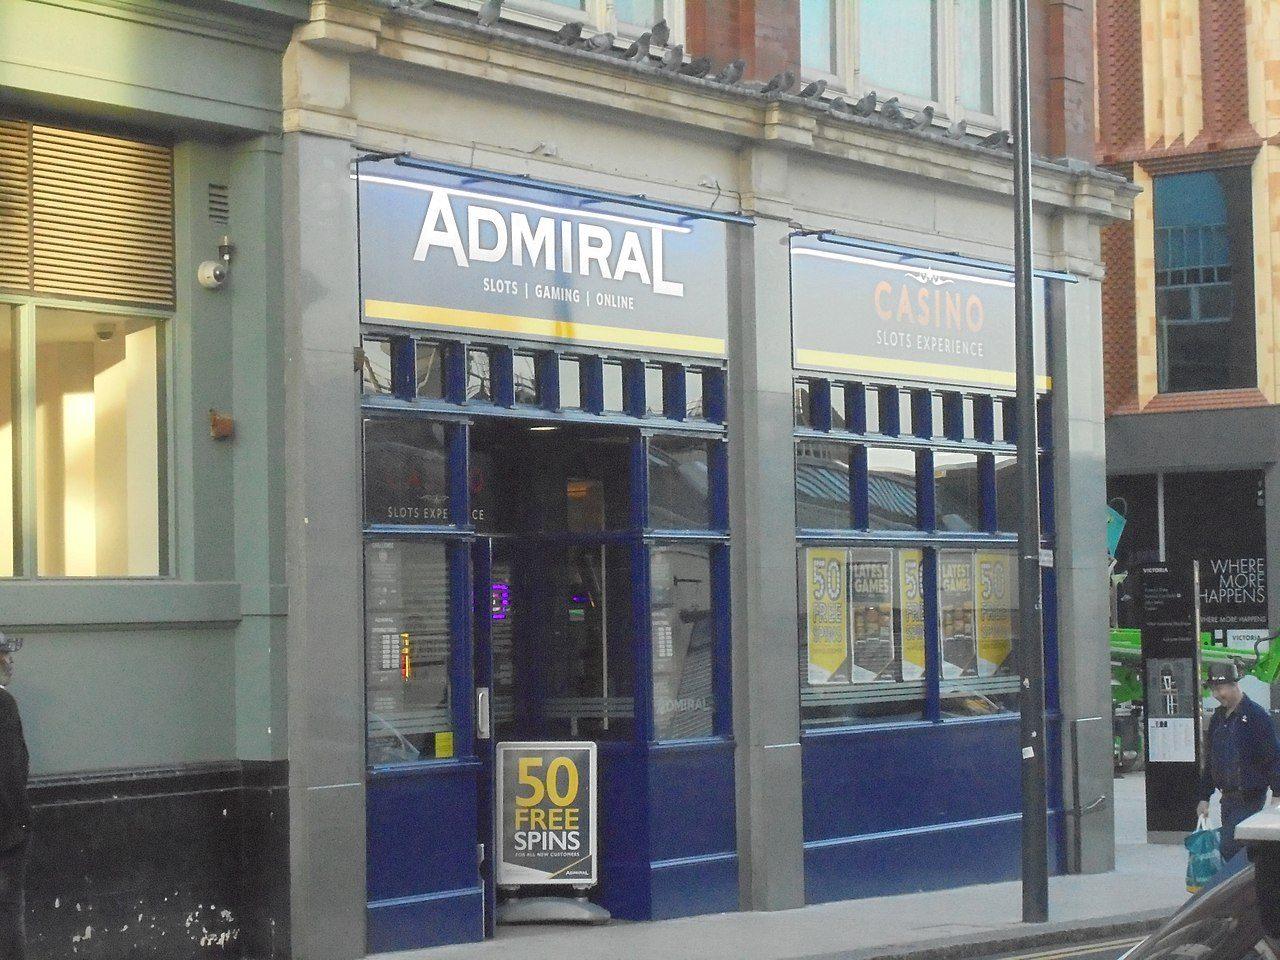 Admiral casino cambridge hotel